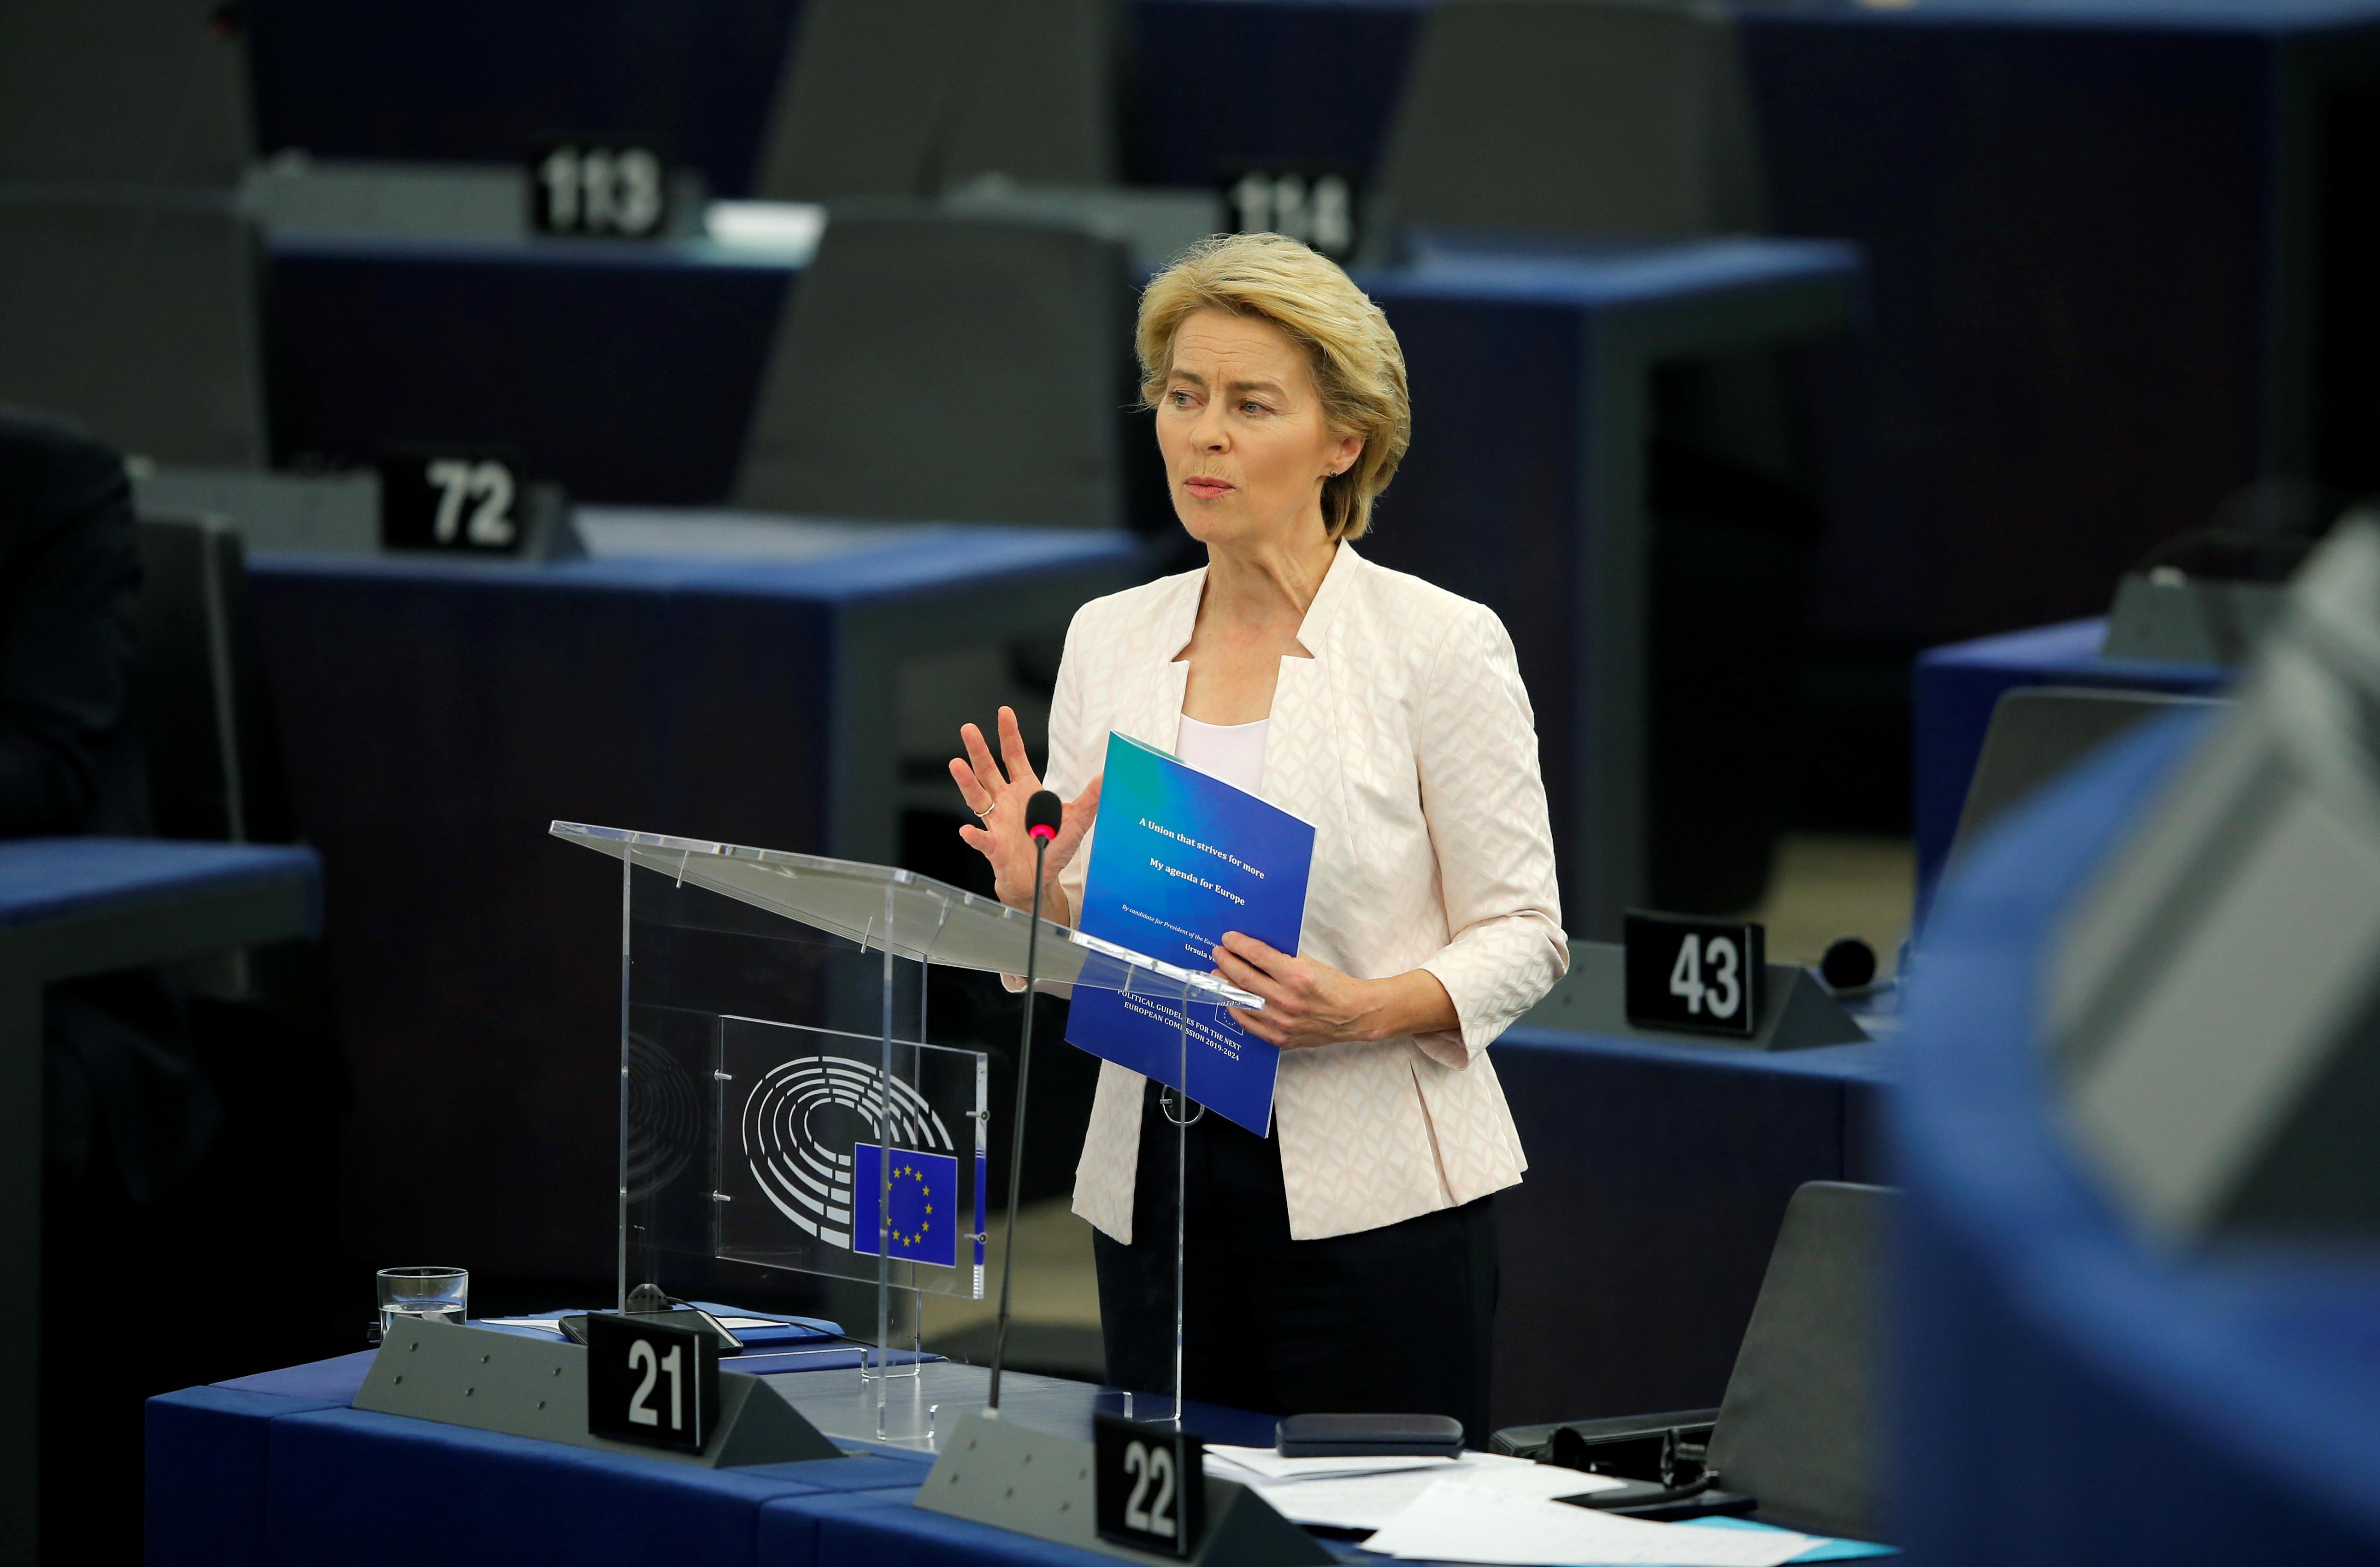 Von der Leyen takes aim at U.S. tech giants' low tax bill in Europe